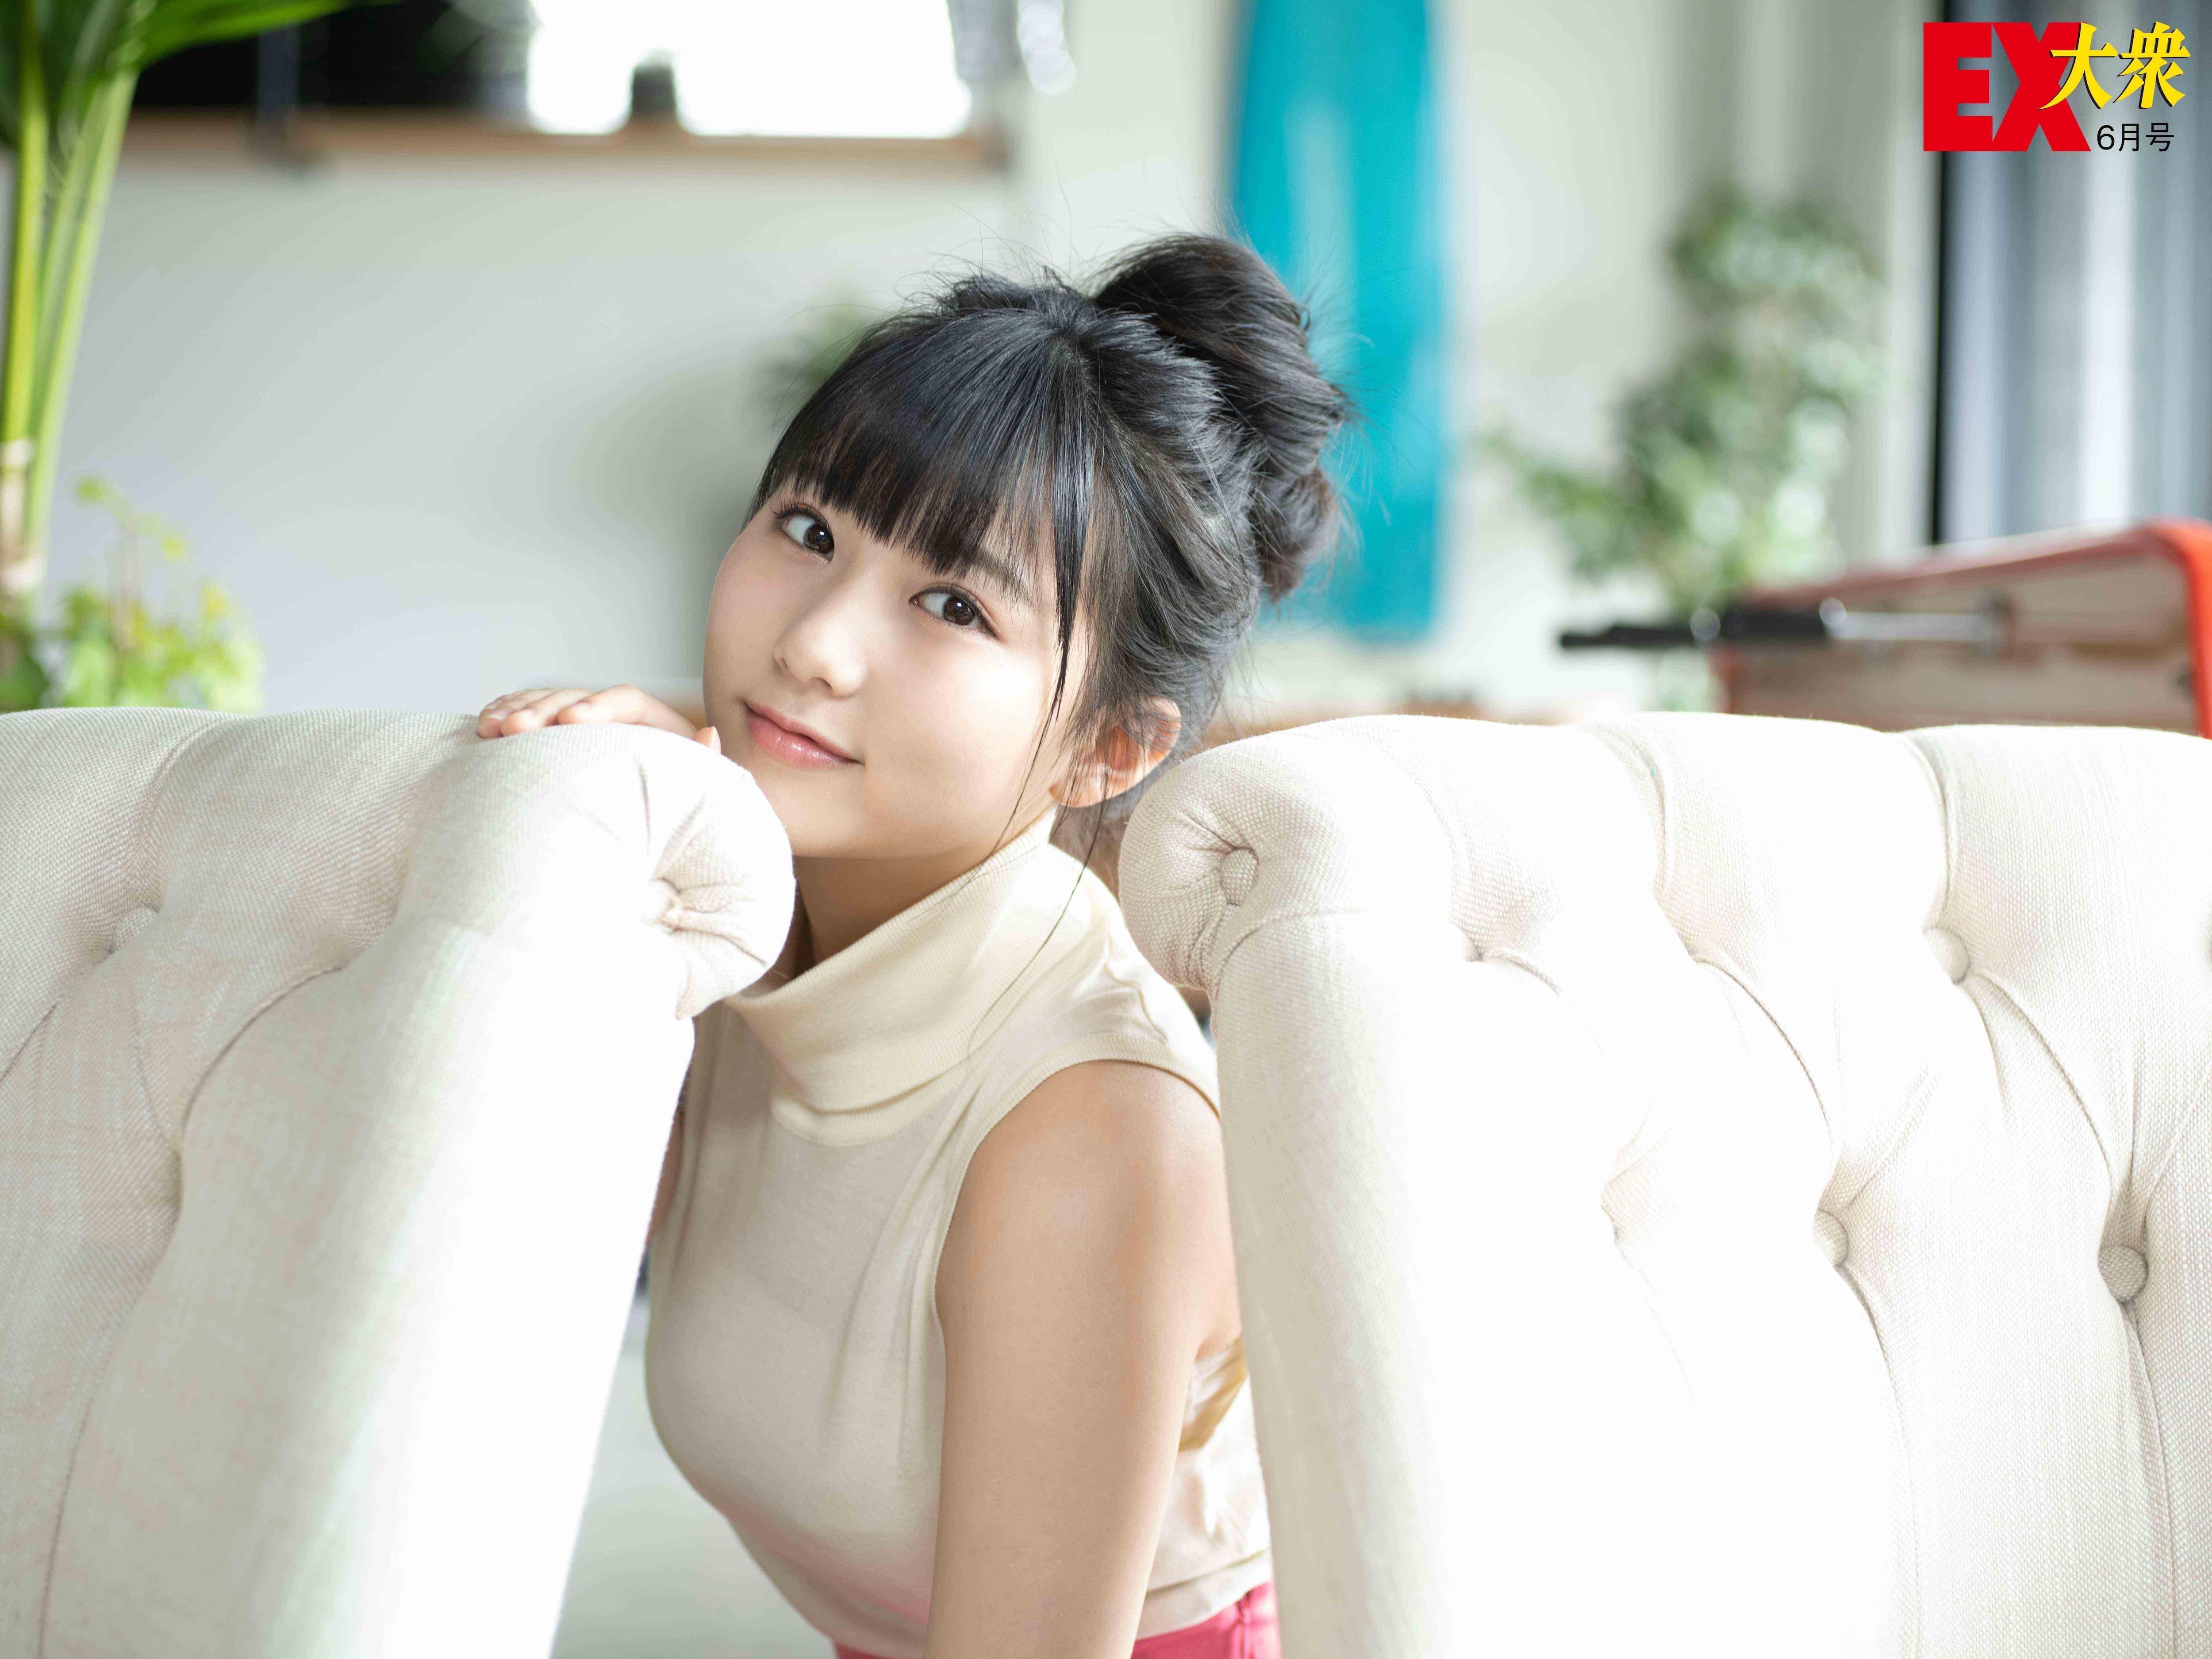 HKT48田中美久の本誌未掲載カット8枚を大公開!【EX大衆6月号】の画像001